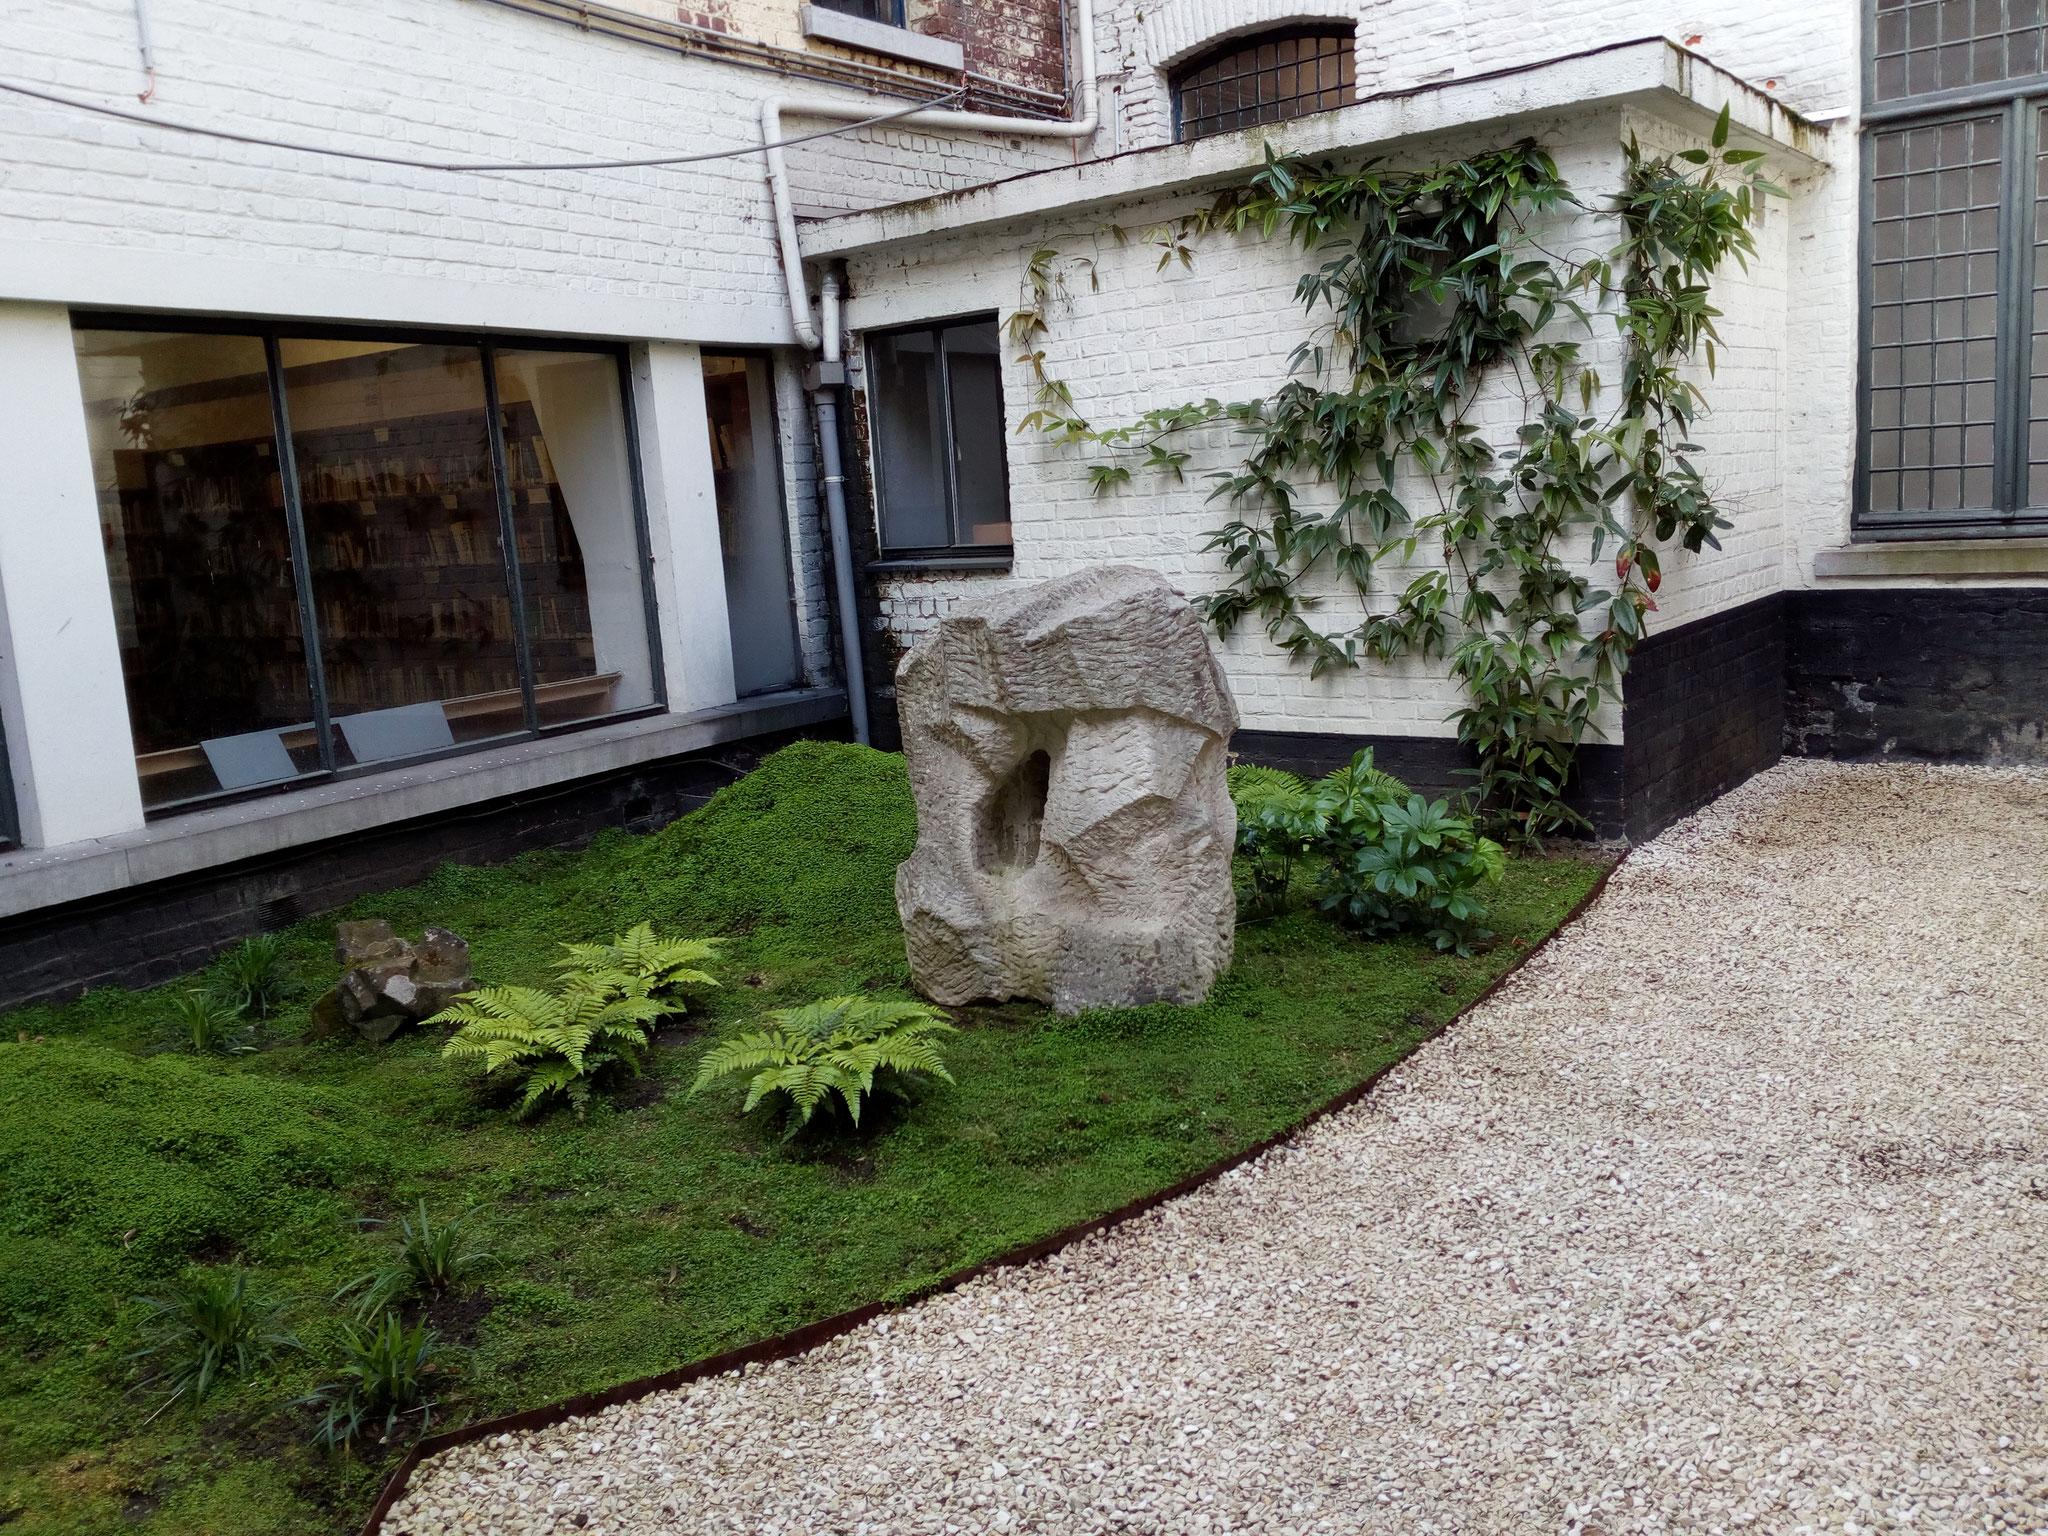 Cour de 60m2 - Style japonais - Année 1. Amenagement jardin Bruxelles